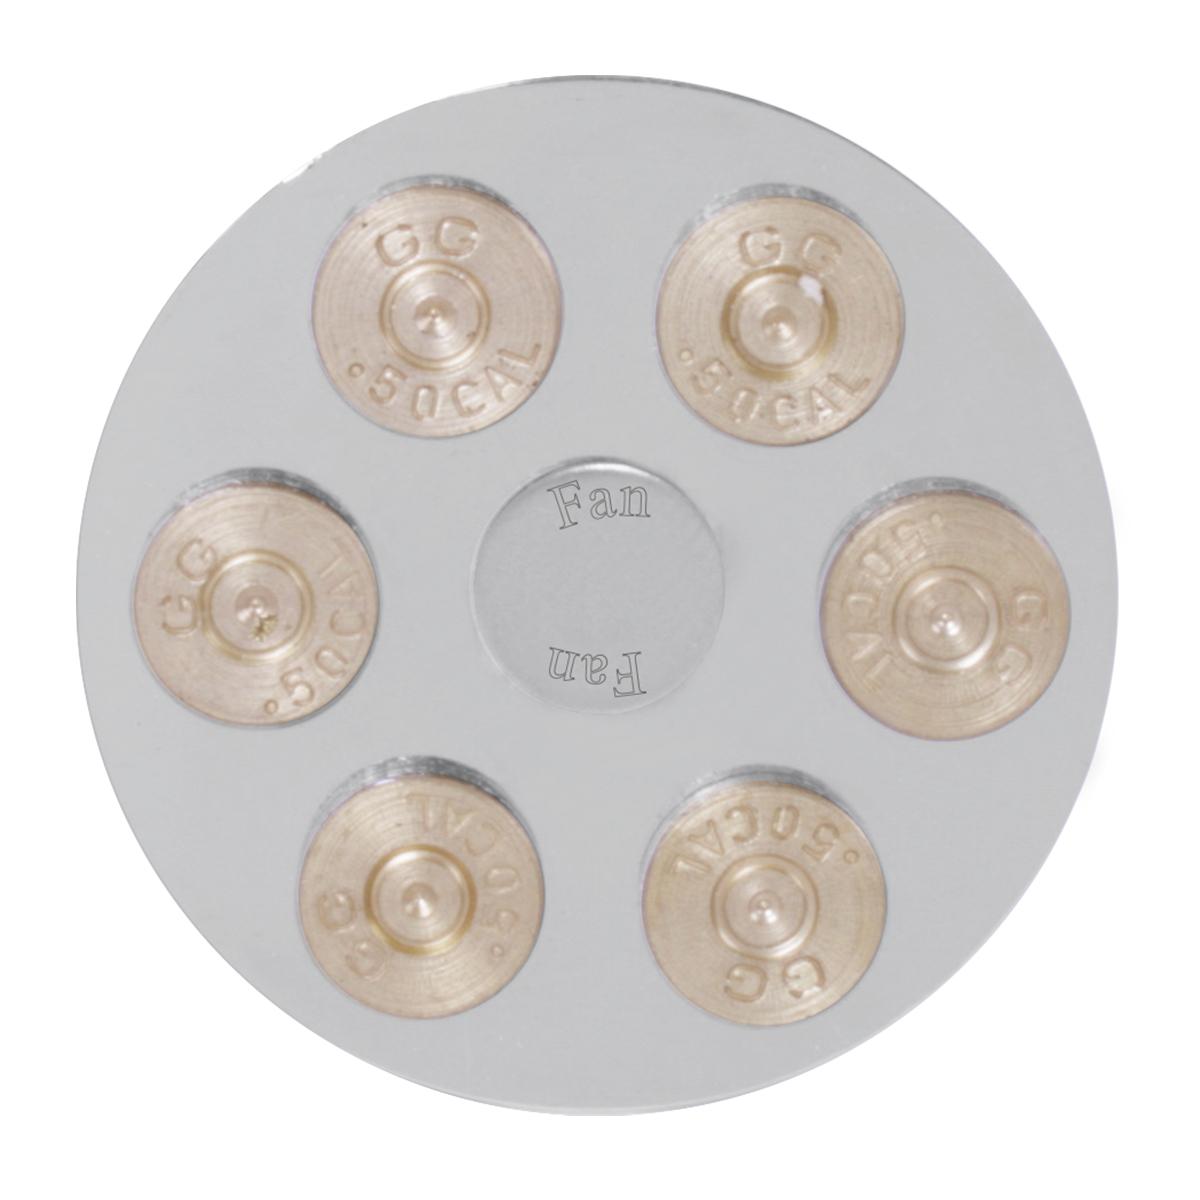 95611 Gun Cylinder Dashboard Control Knob w/ Fan Script